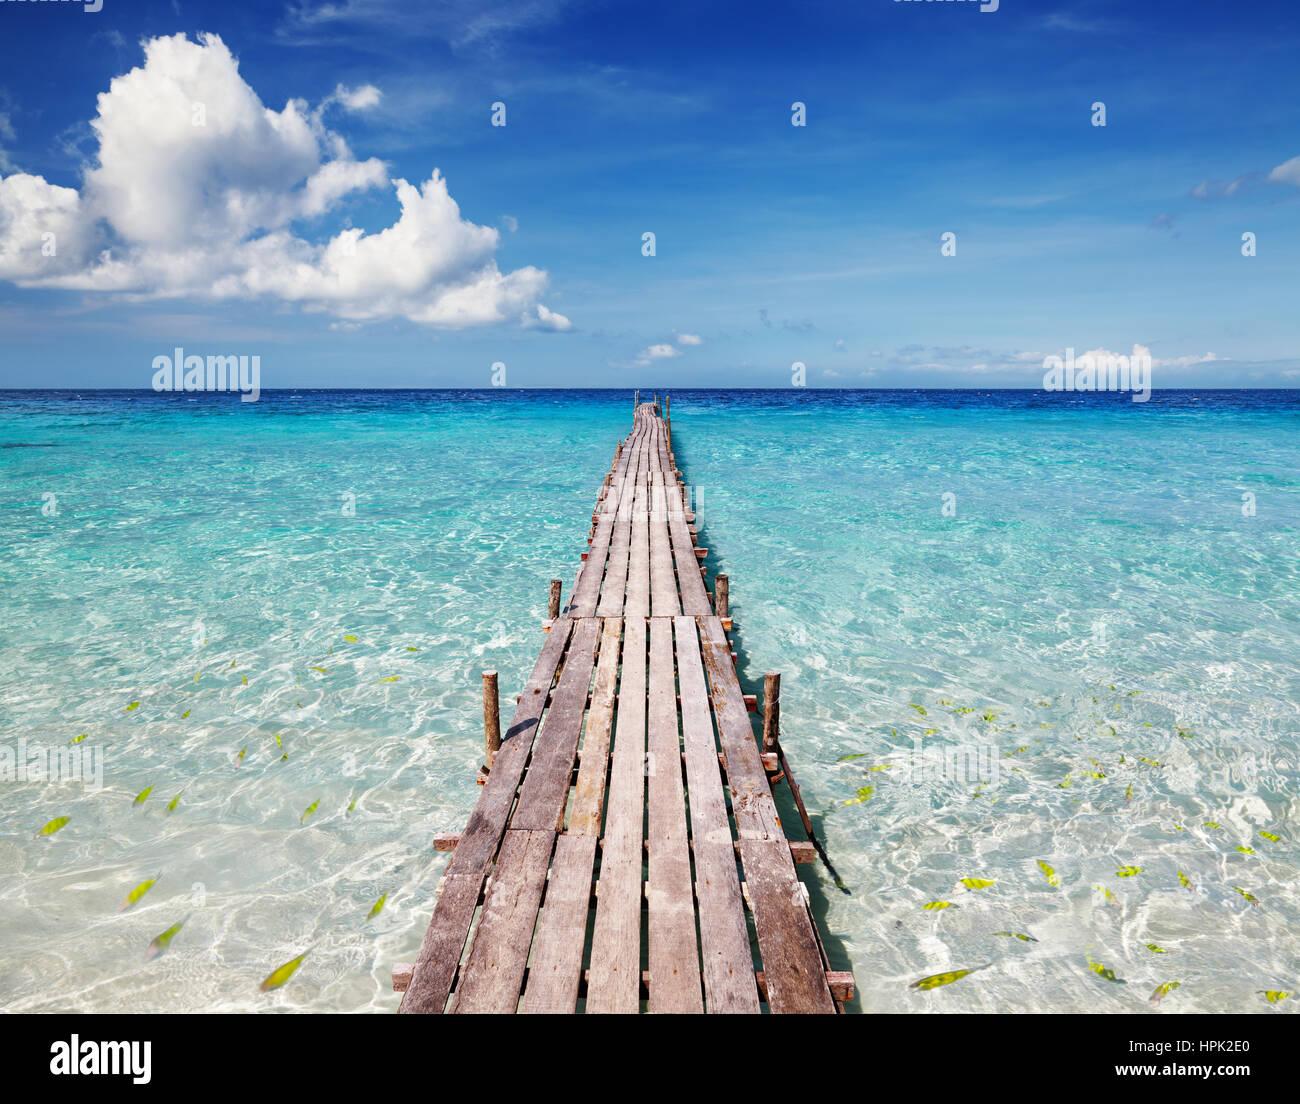 Hölzerne Pier auf einer tropischen Insel, klares Meer und blauer Himmel Stockbild